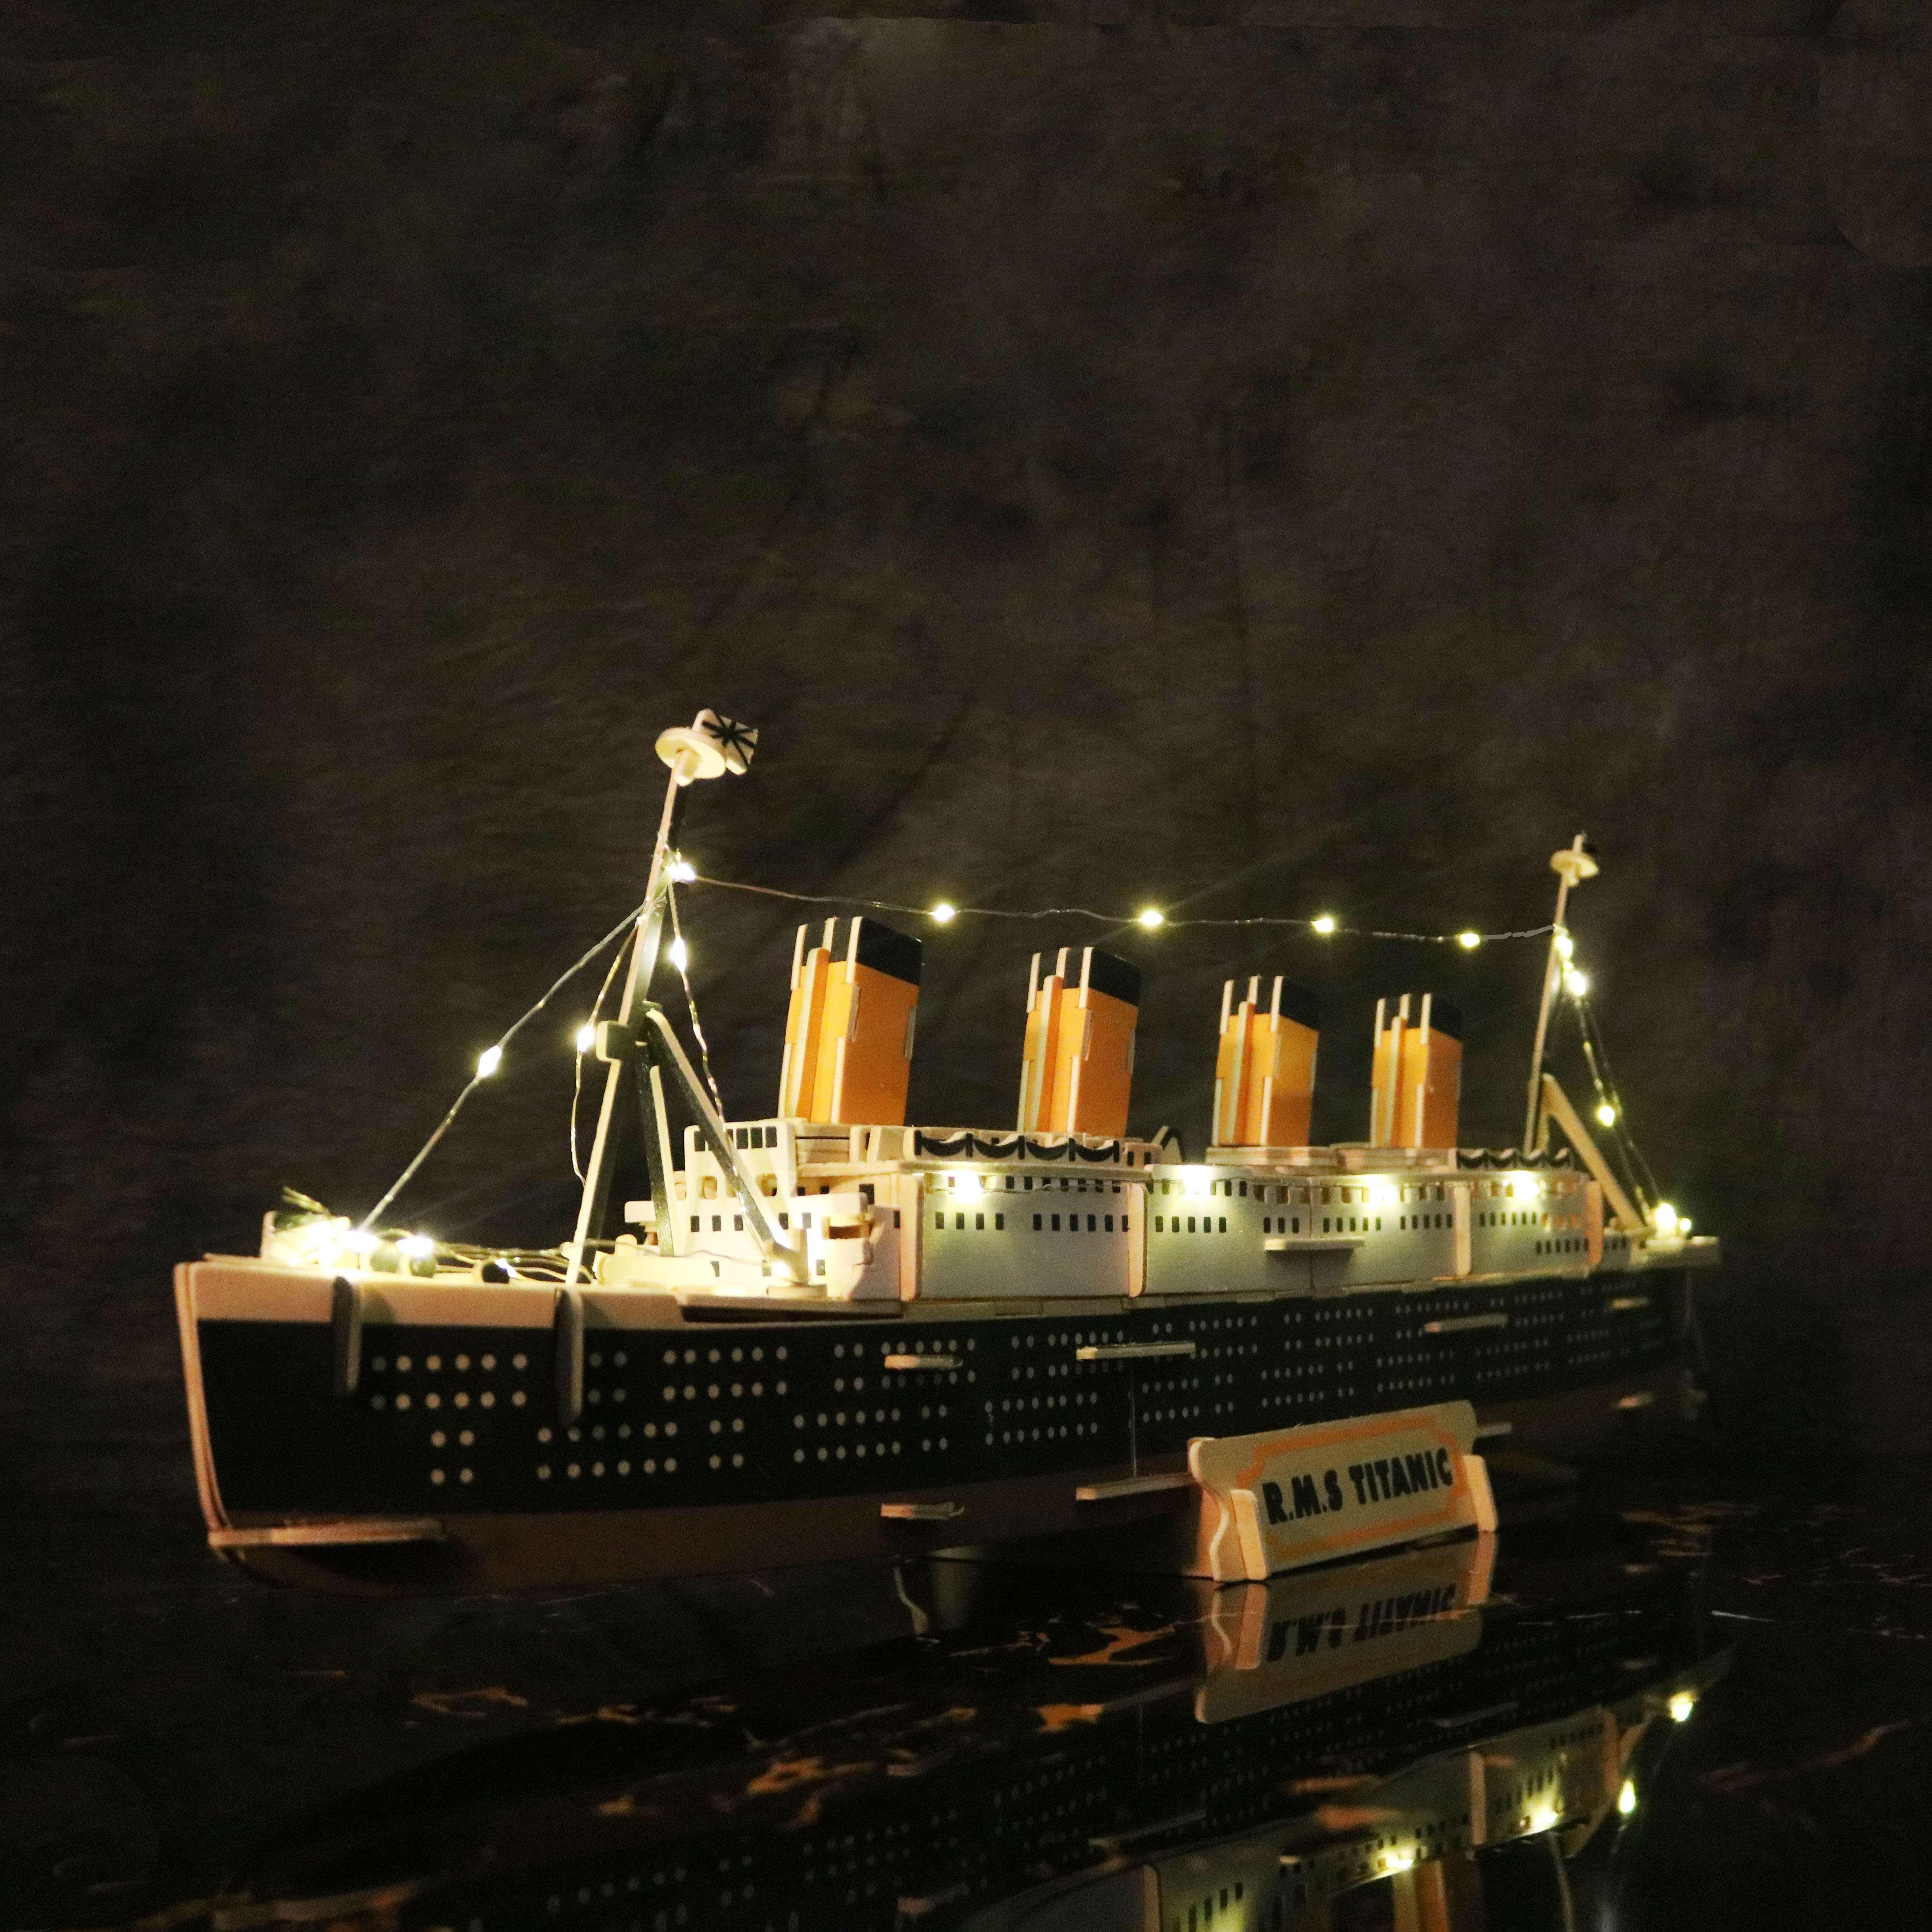 Tiết Kiệm Cực Đã Khi Mua Đồ Chơi Lắp Ráp Gỗ 3D Mô Hình Tàu R.M.S Titanic - Tặng Kèm Đèn LED Trang Trí